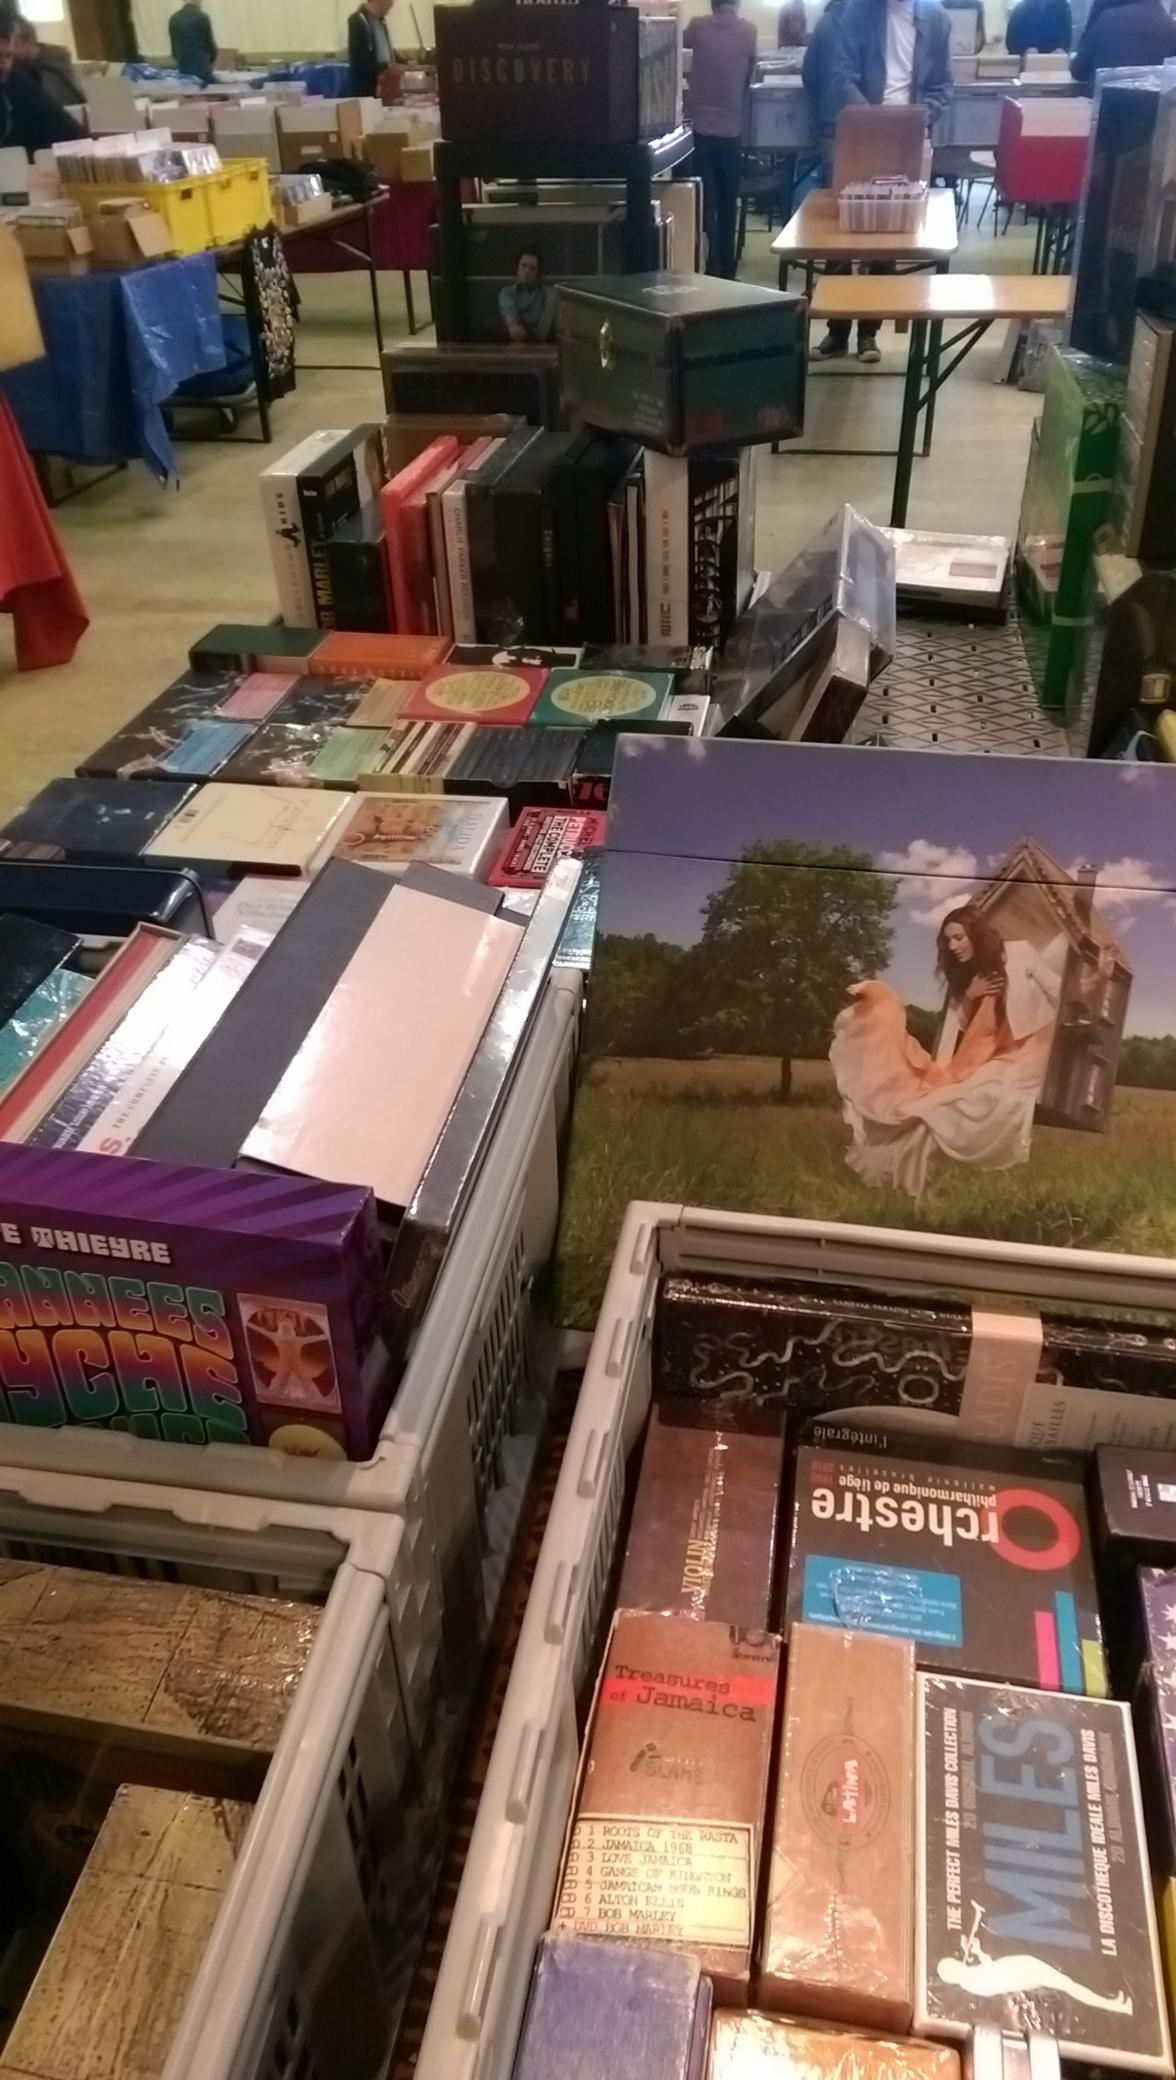 6 achat-vente CD/DVD/BD/Vinyles achat et vente de CD/DVD/VINYLES etc achat-vente CD/DVD/BD/Vinyles achat et vente de CD/DVD/VINYLES etc